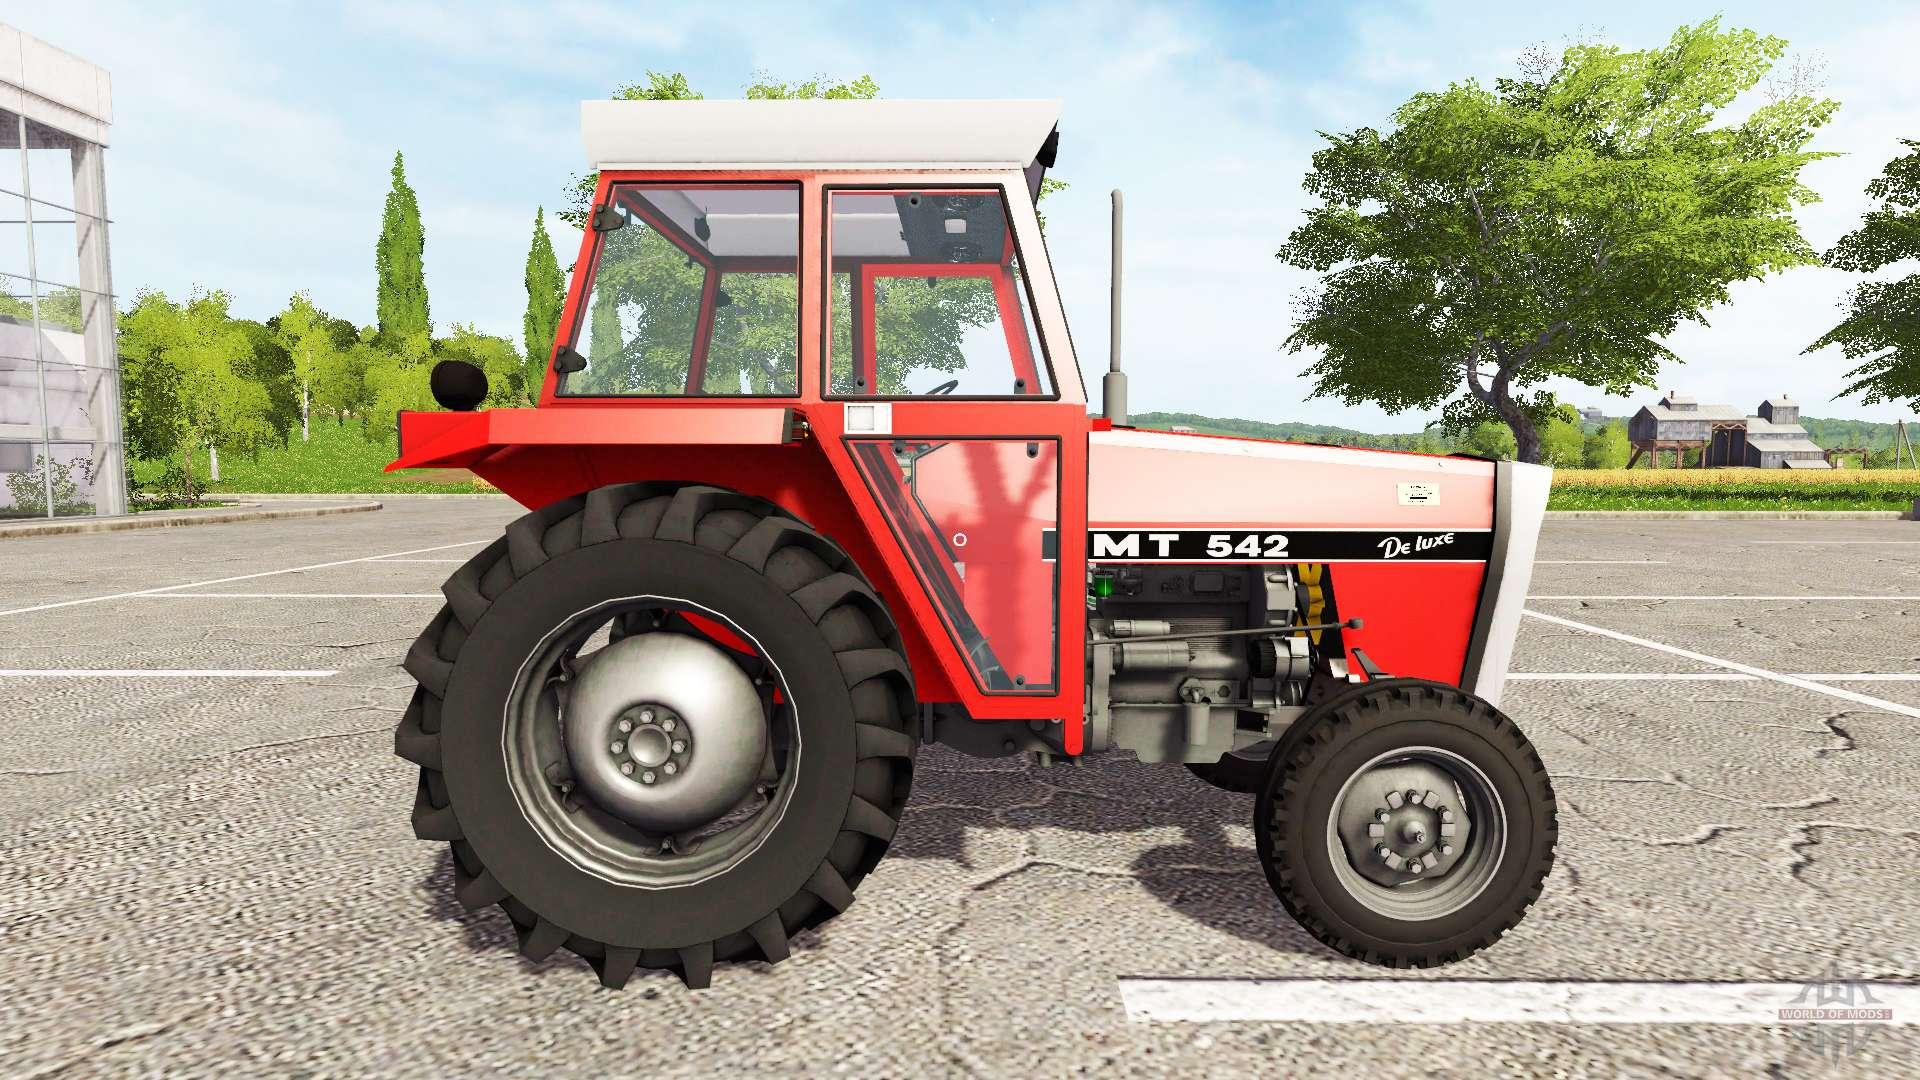 imt 542 deluxe novi tip for farming simulator 2017 rh worldofmods com IMT 539 Deluxe Tractor IMT 539 Deluxe Tractor